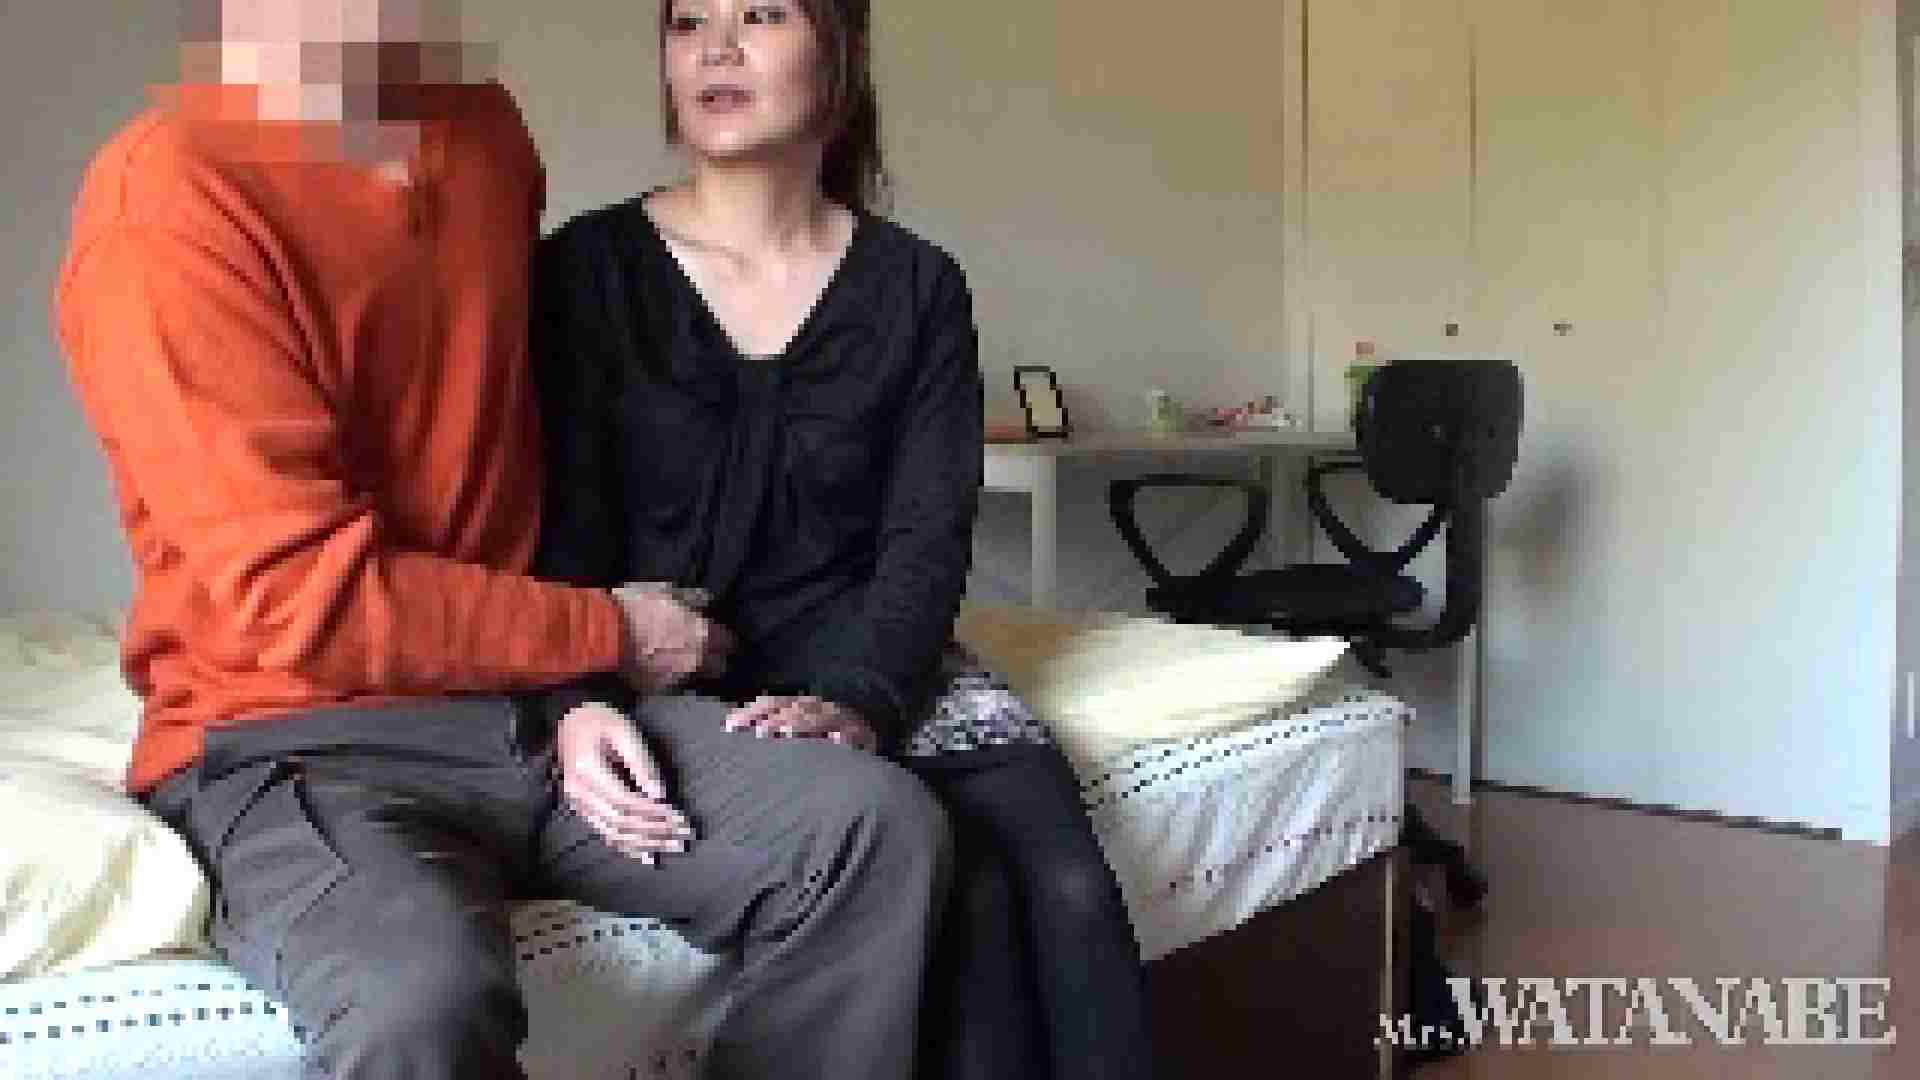 SNSで出会った人妻をハメ撮りしちゃいます 2回目 前編 投稿 | 人妻エロ映像  105pic 55